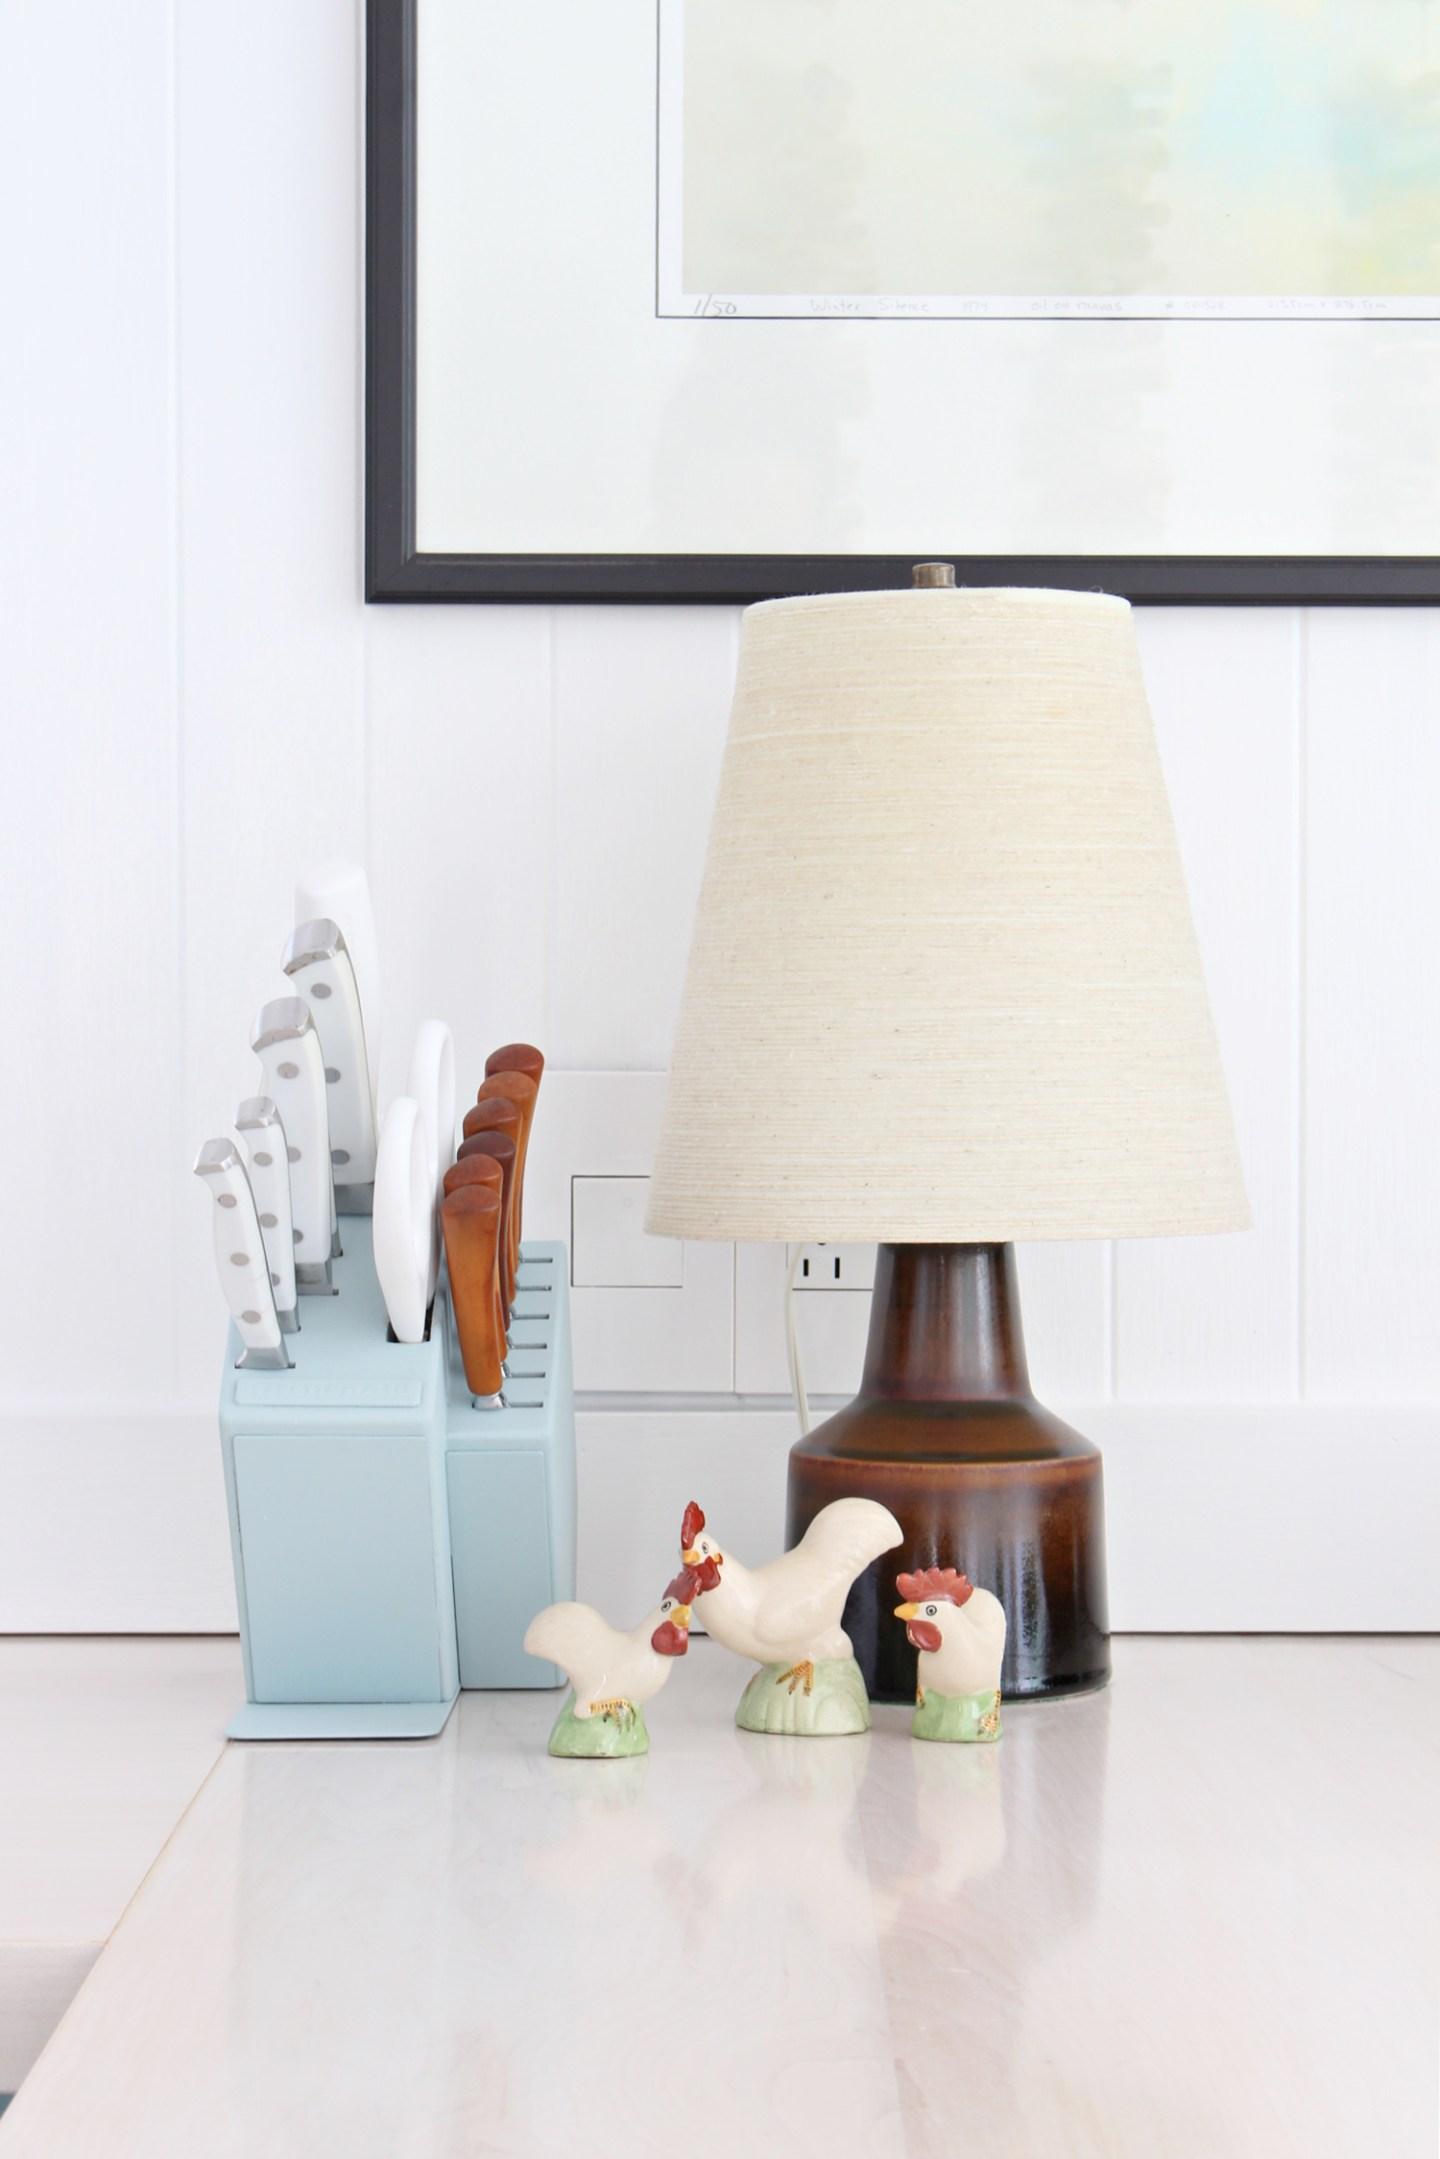 thrifted chicken figurines